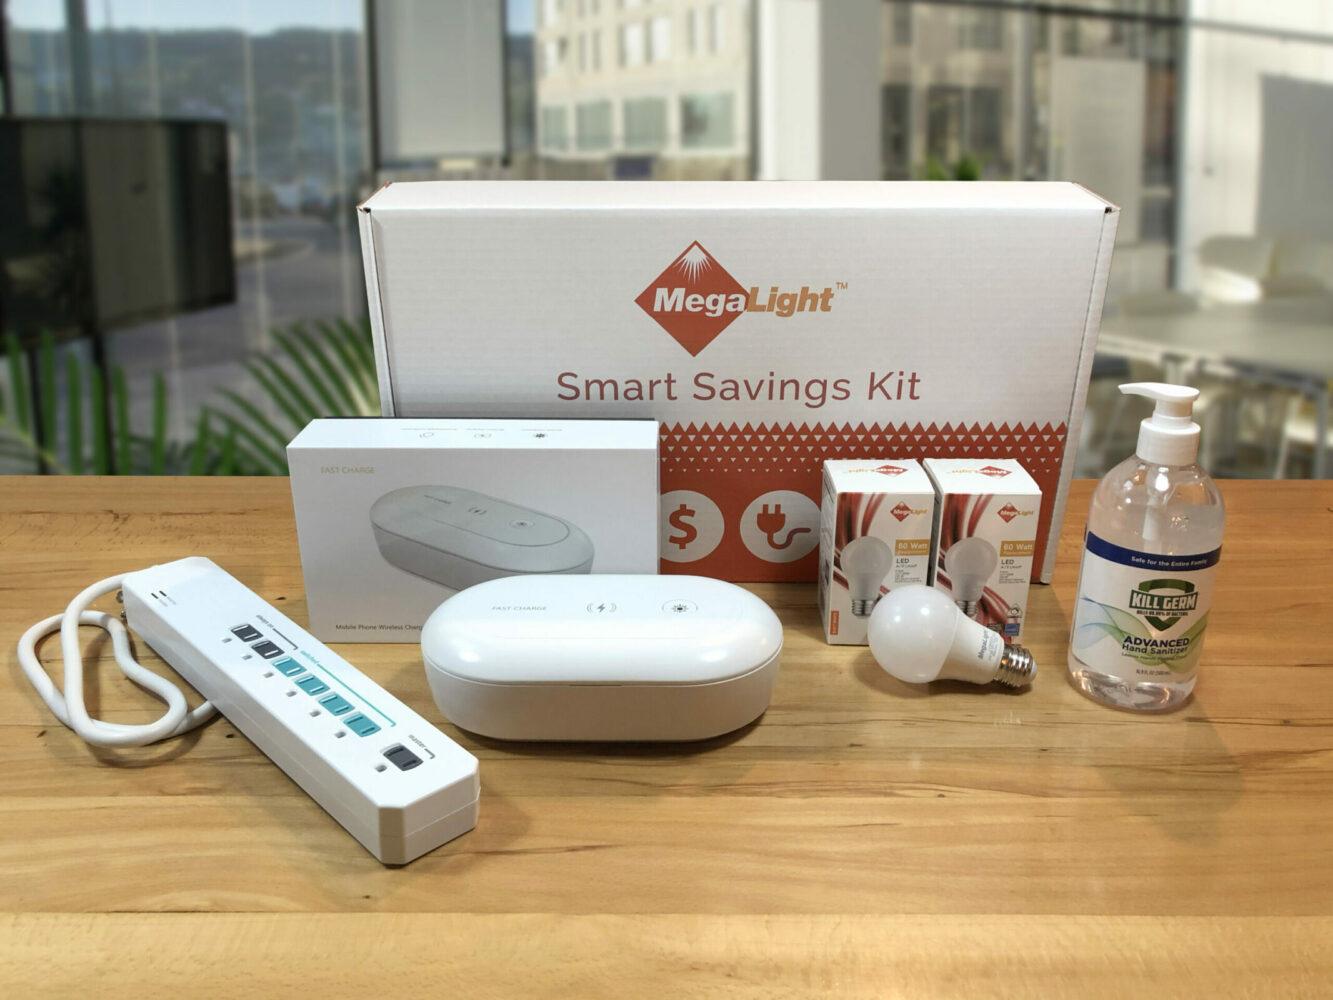 Smart Savings Kit